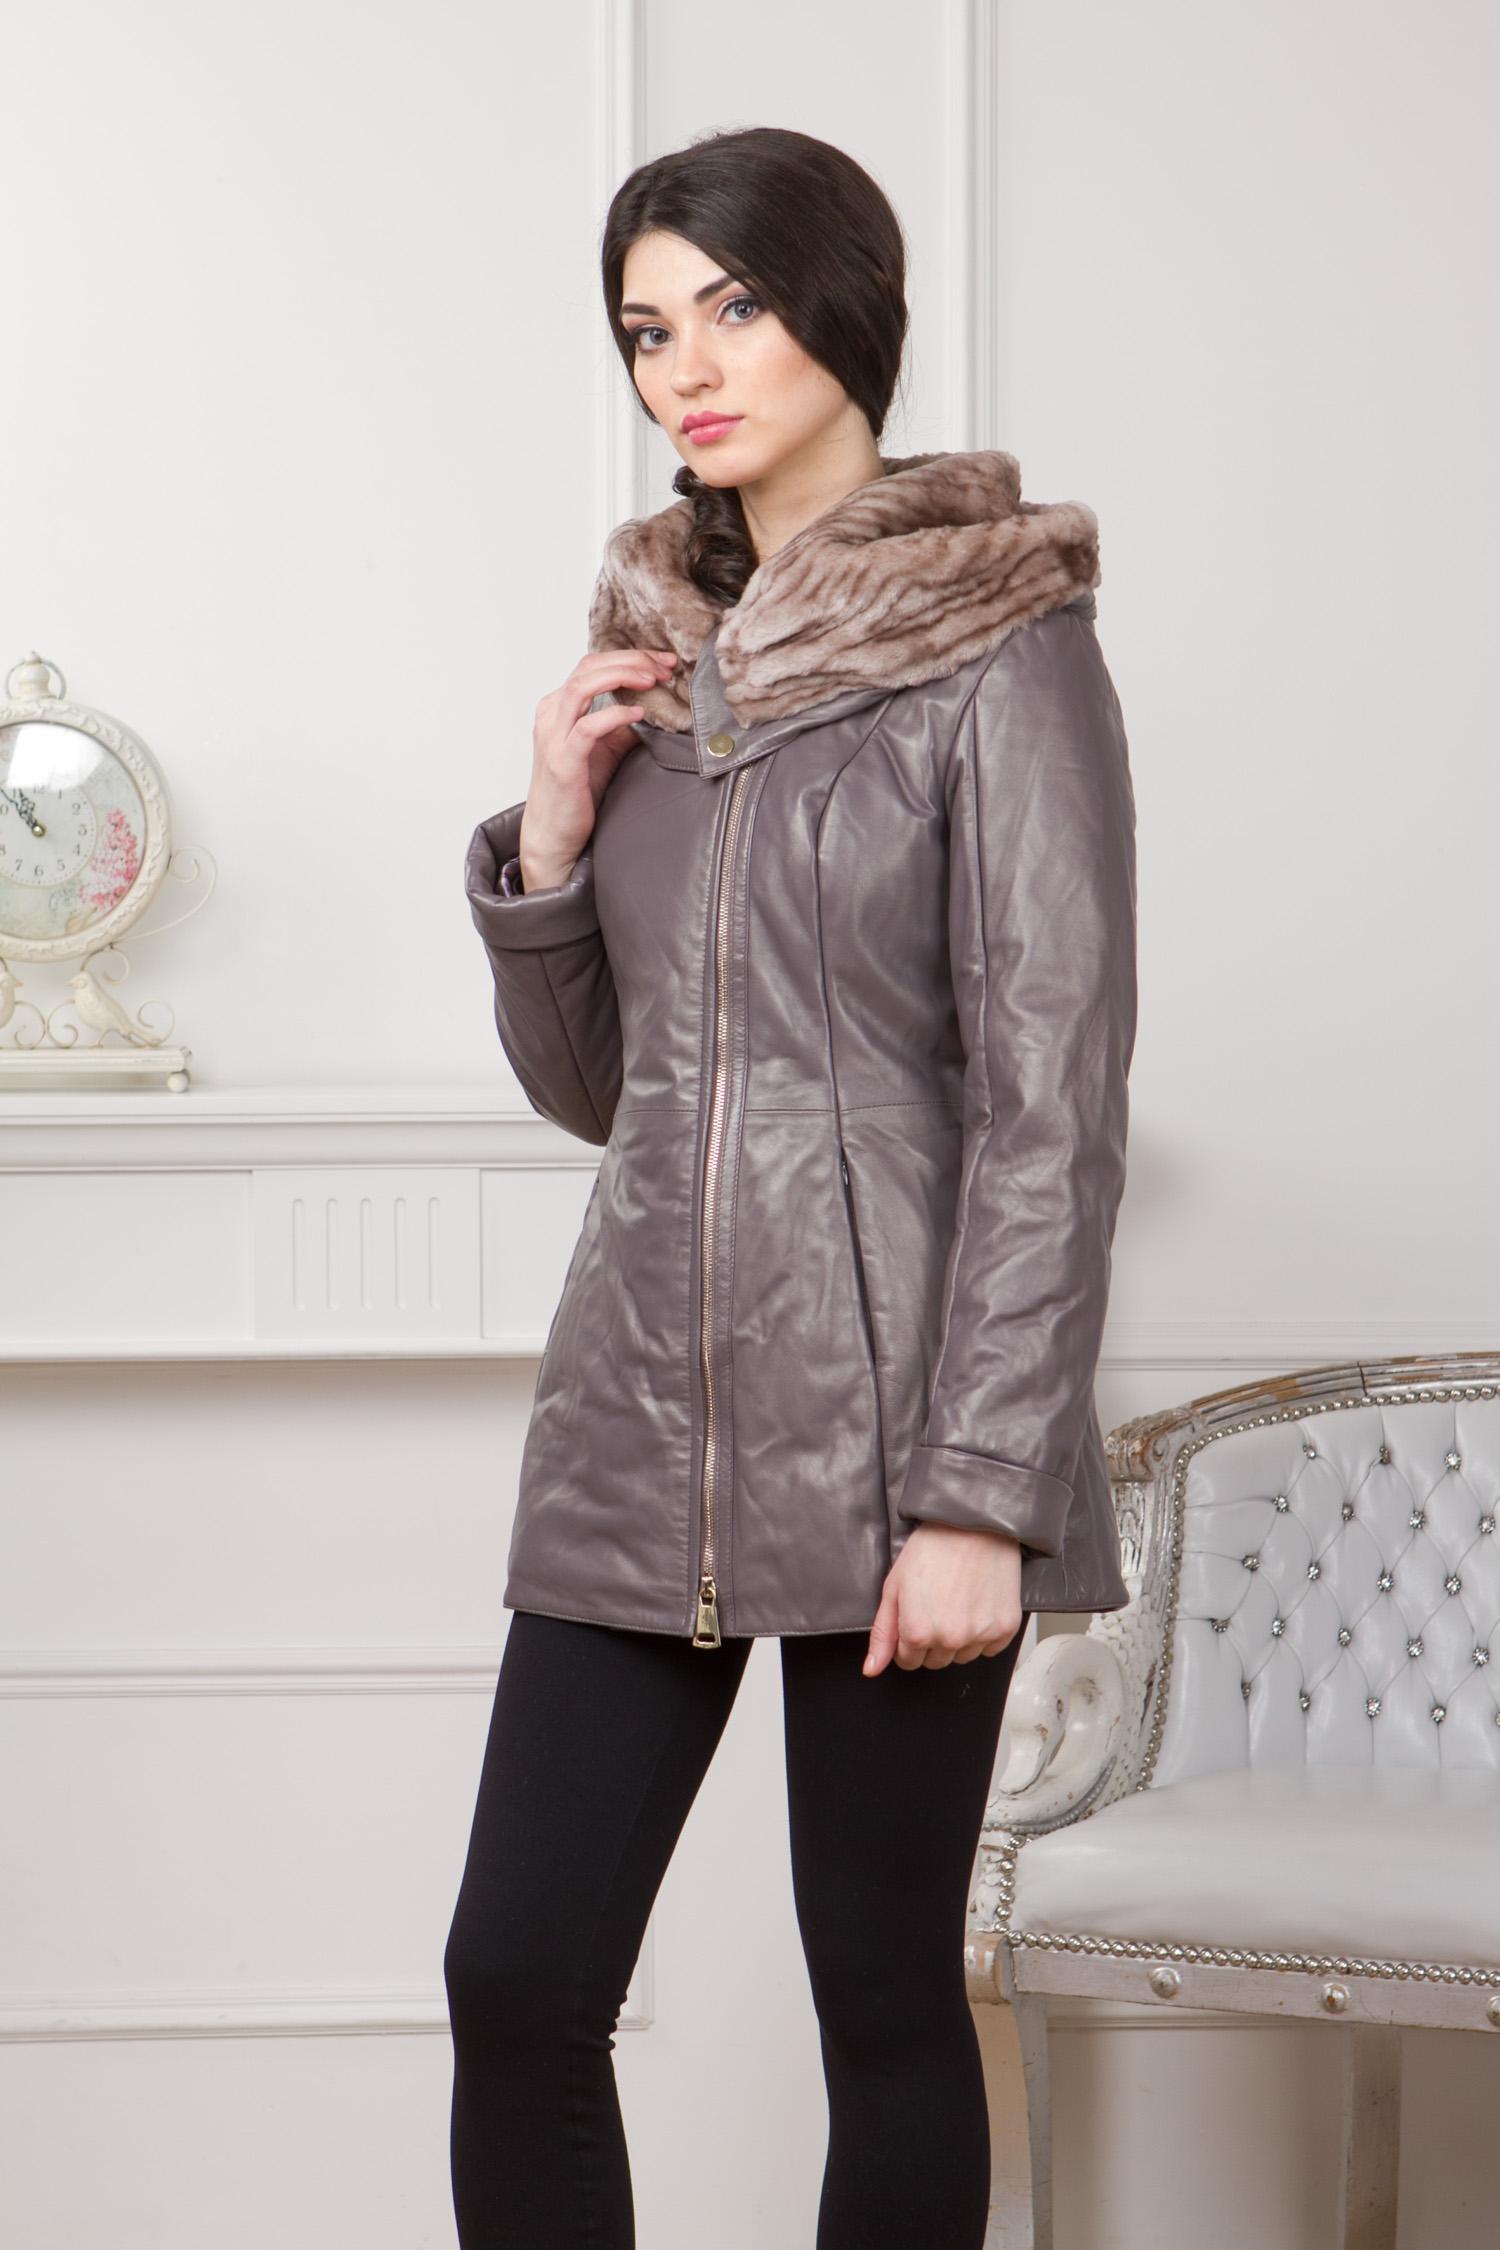 Женская кожаная куртка из натуральной кожи с капюшоном, отделка мутон<br><br>Воротник: капюшон<br>Длина см: Короткая (51-74 )<br>Материал: Кожа овчина<br>Цвет: серый<br>Вид застежки: косая<br>Застежка: на молнии<br>Пол: Женский<br>Размер RU: 42